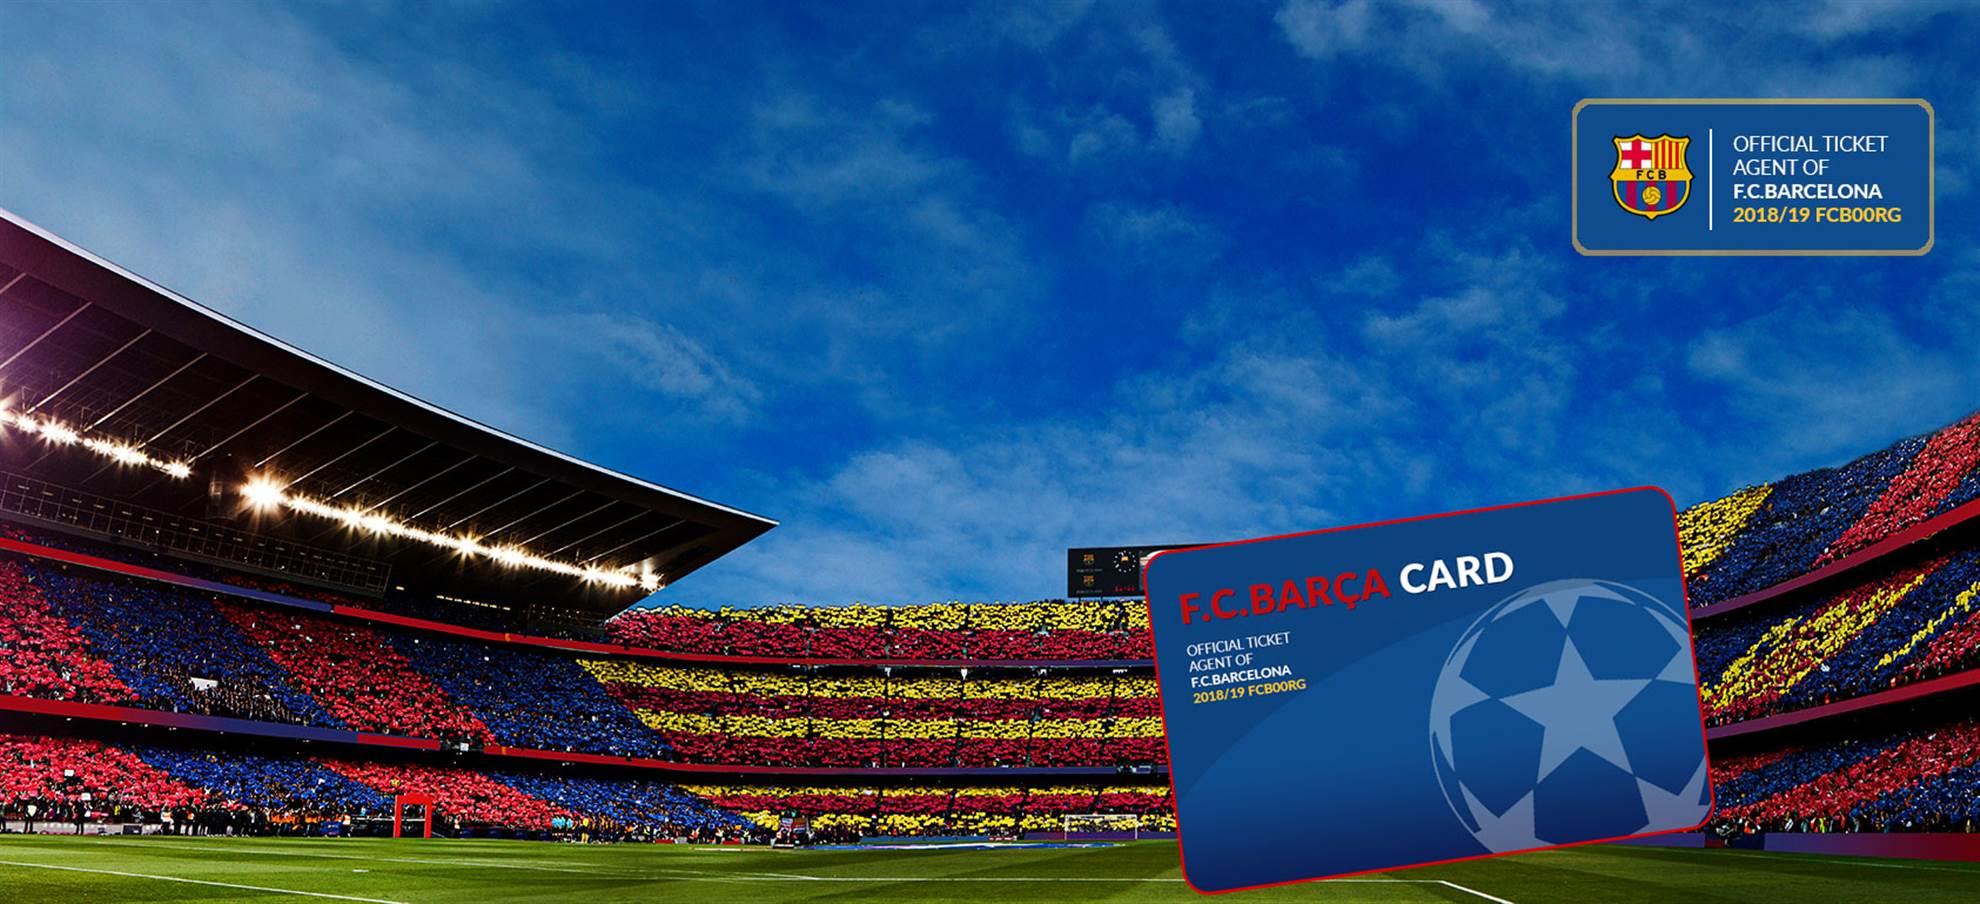 Barça Card - Une expérience inoubliable!